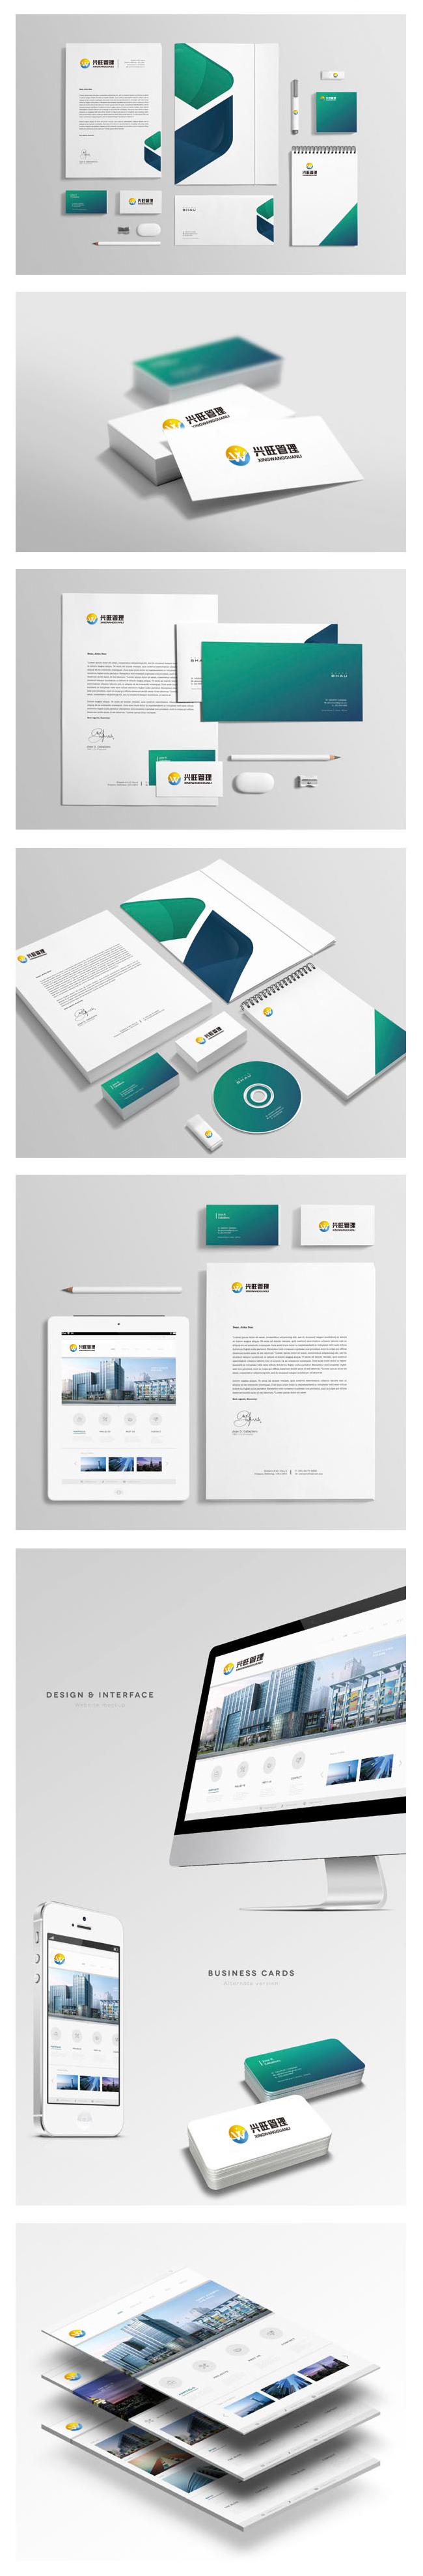 山东兴旺企业管理咨询有限公司VIS设计